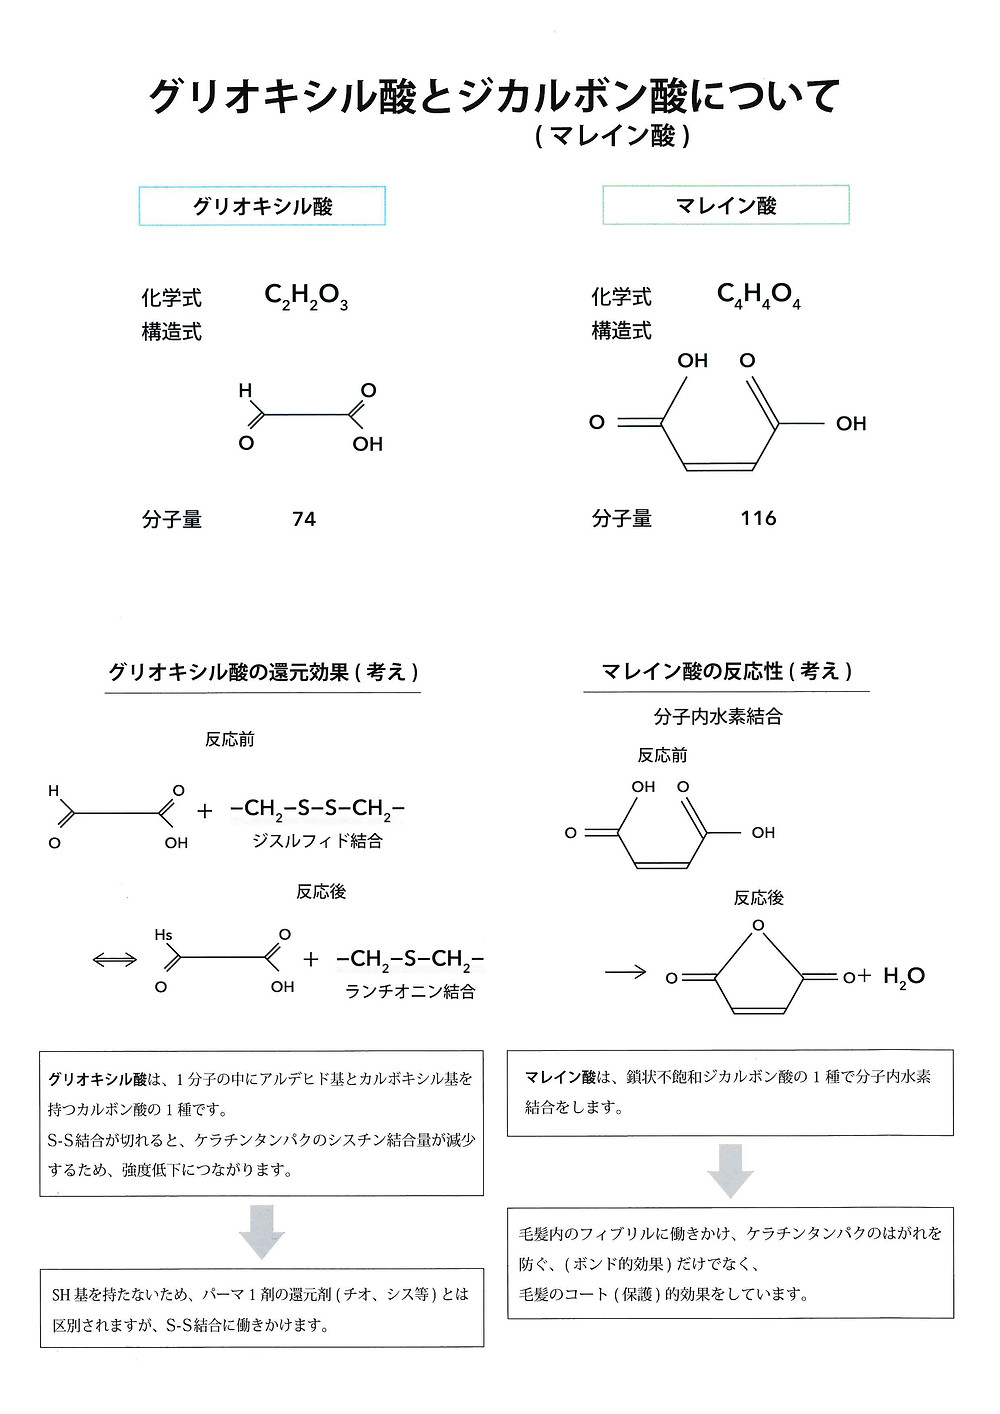 マレイン酸 ジカルボン酸